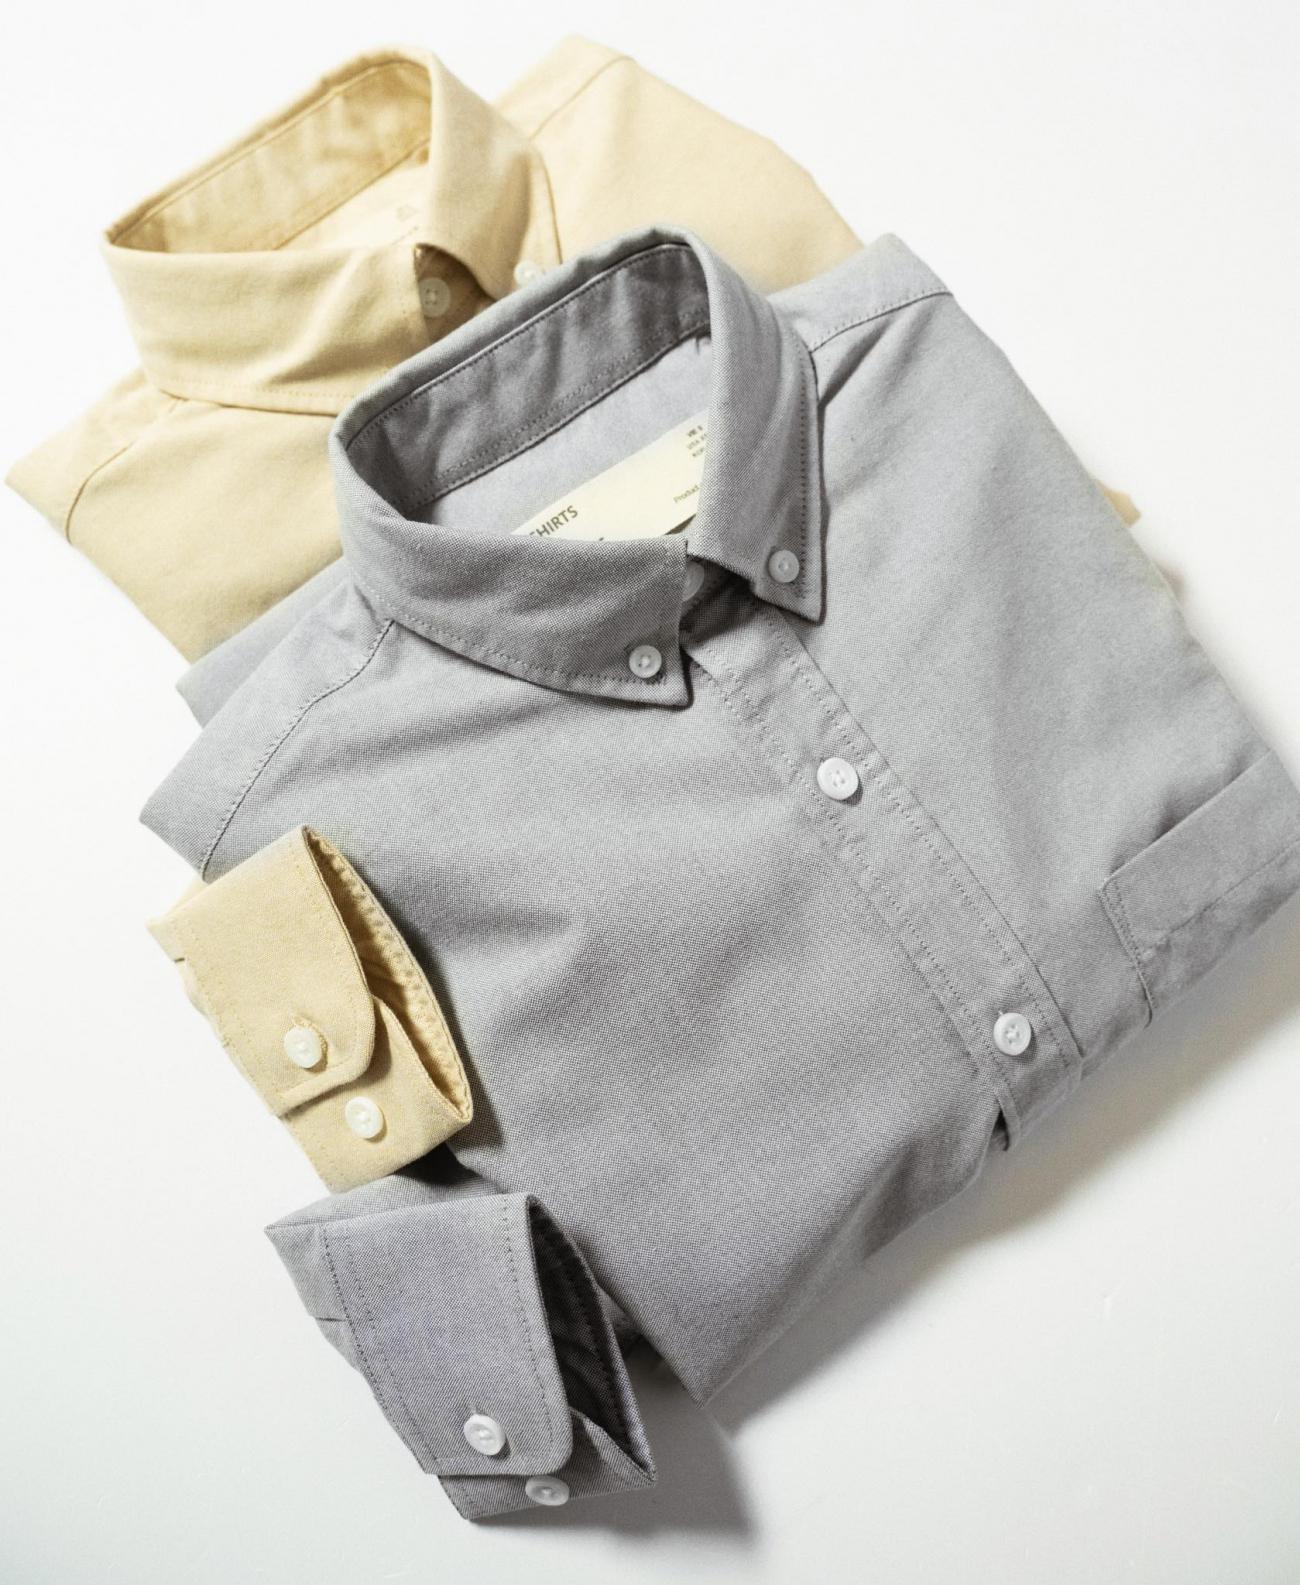 Top shop bán áo sơ mi cho nam cao cấp tại Quận 1, Tp.Hcm